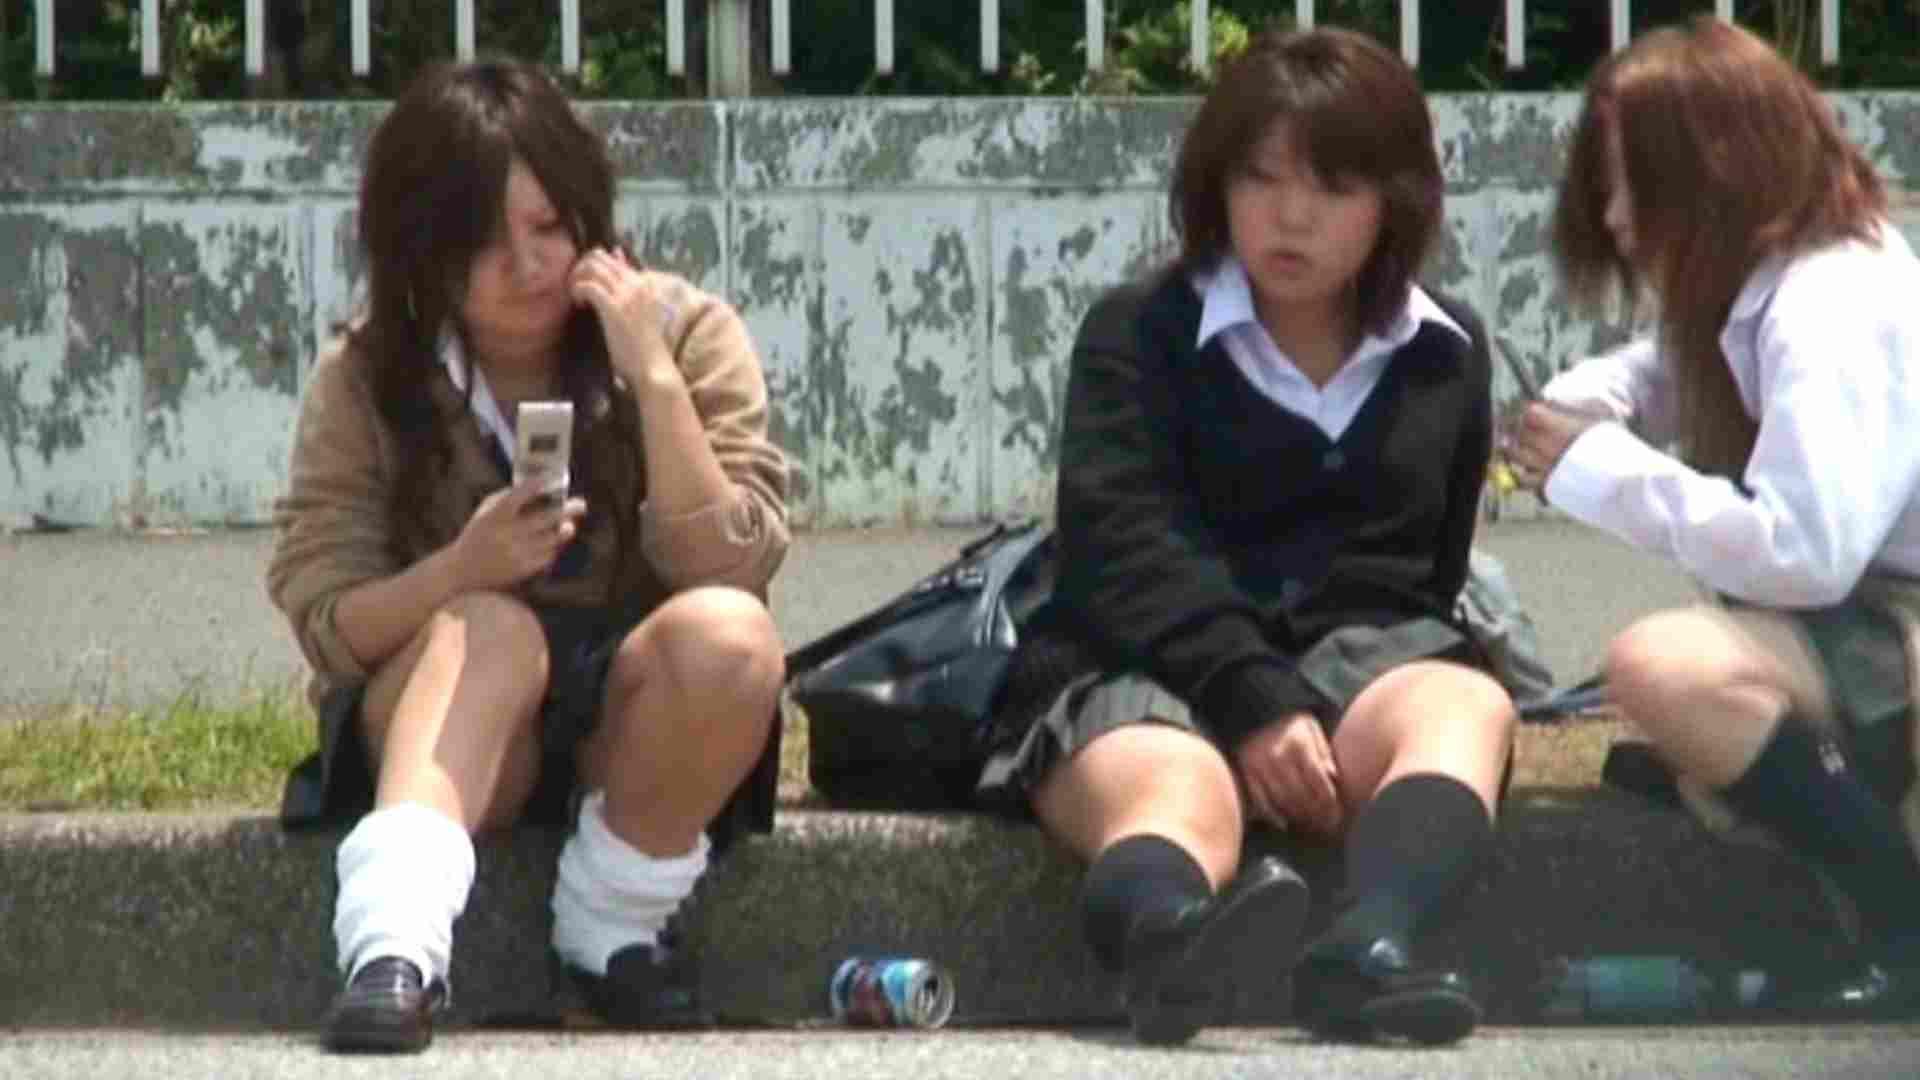 望遠パンチラNo3 学校 スケベ動画紹介 63連発 33